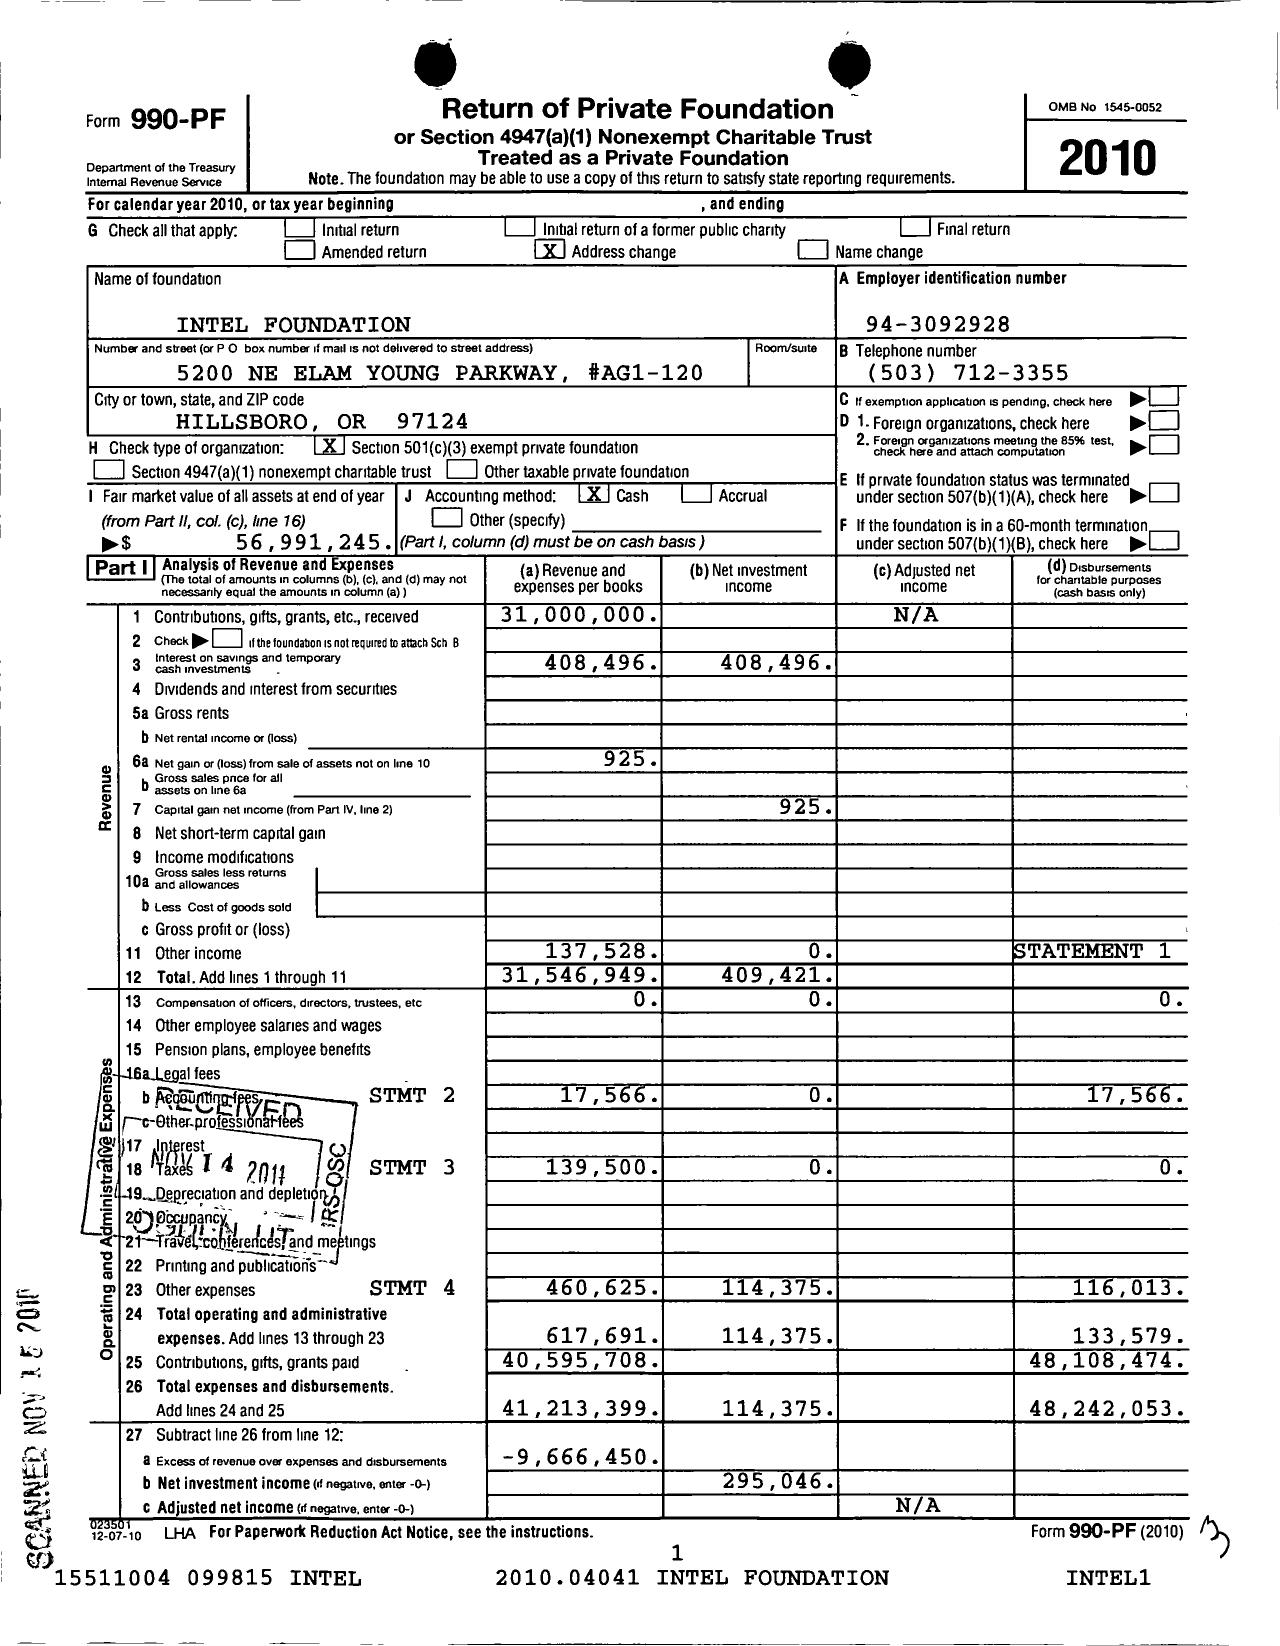 Form 990-PF Return of Private Foundation | manualzz com